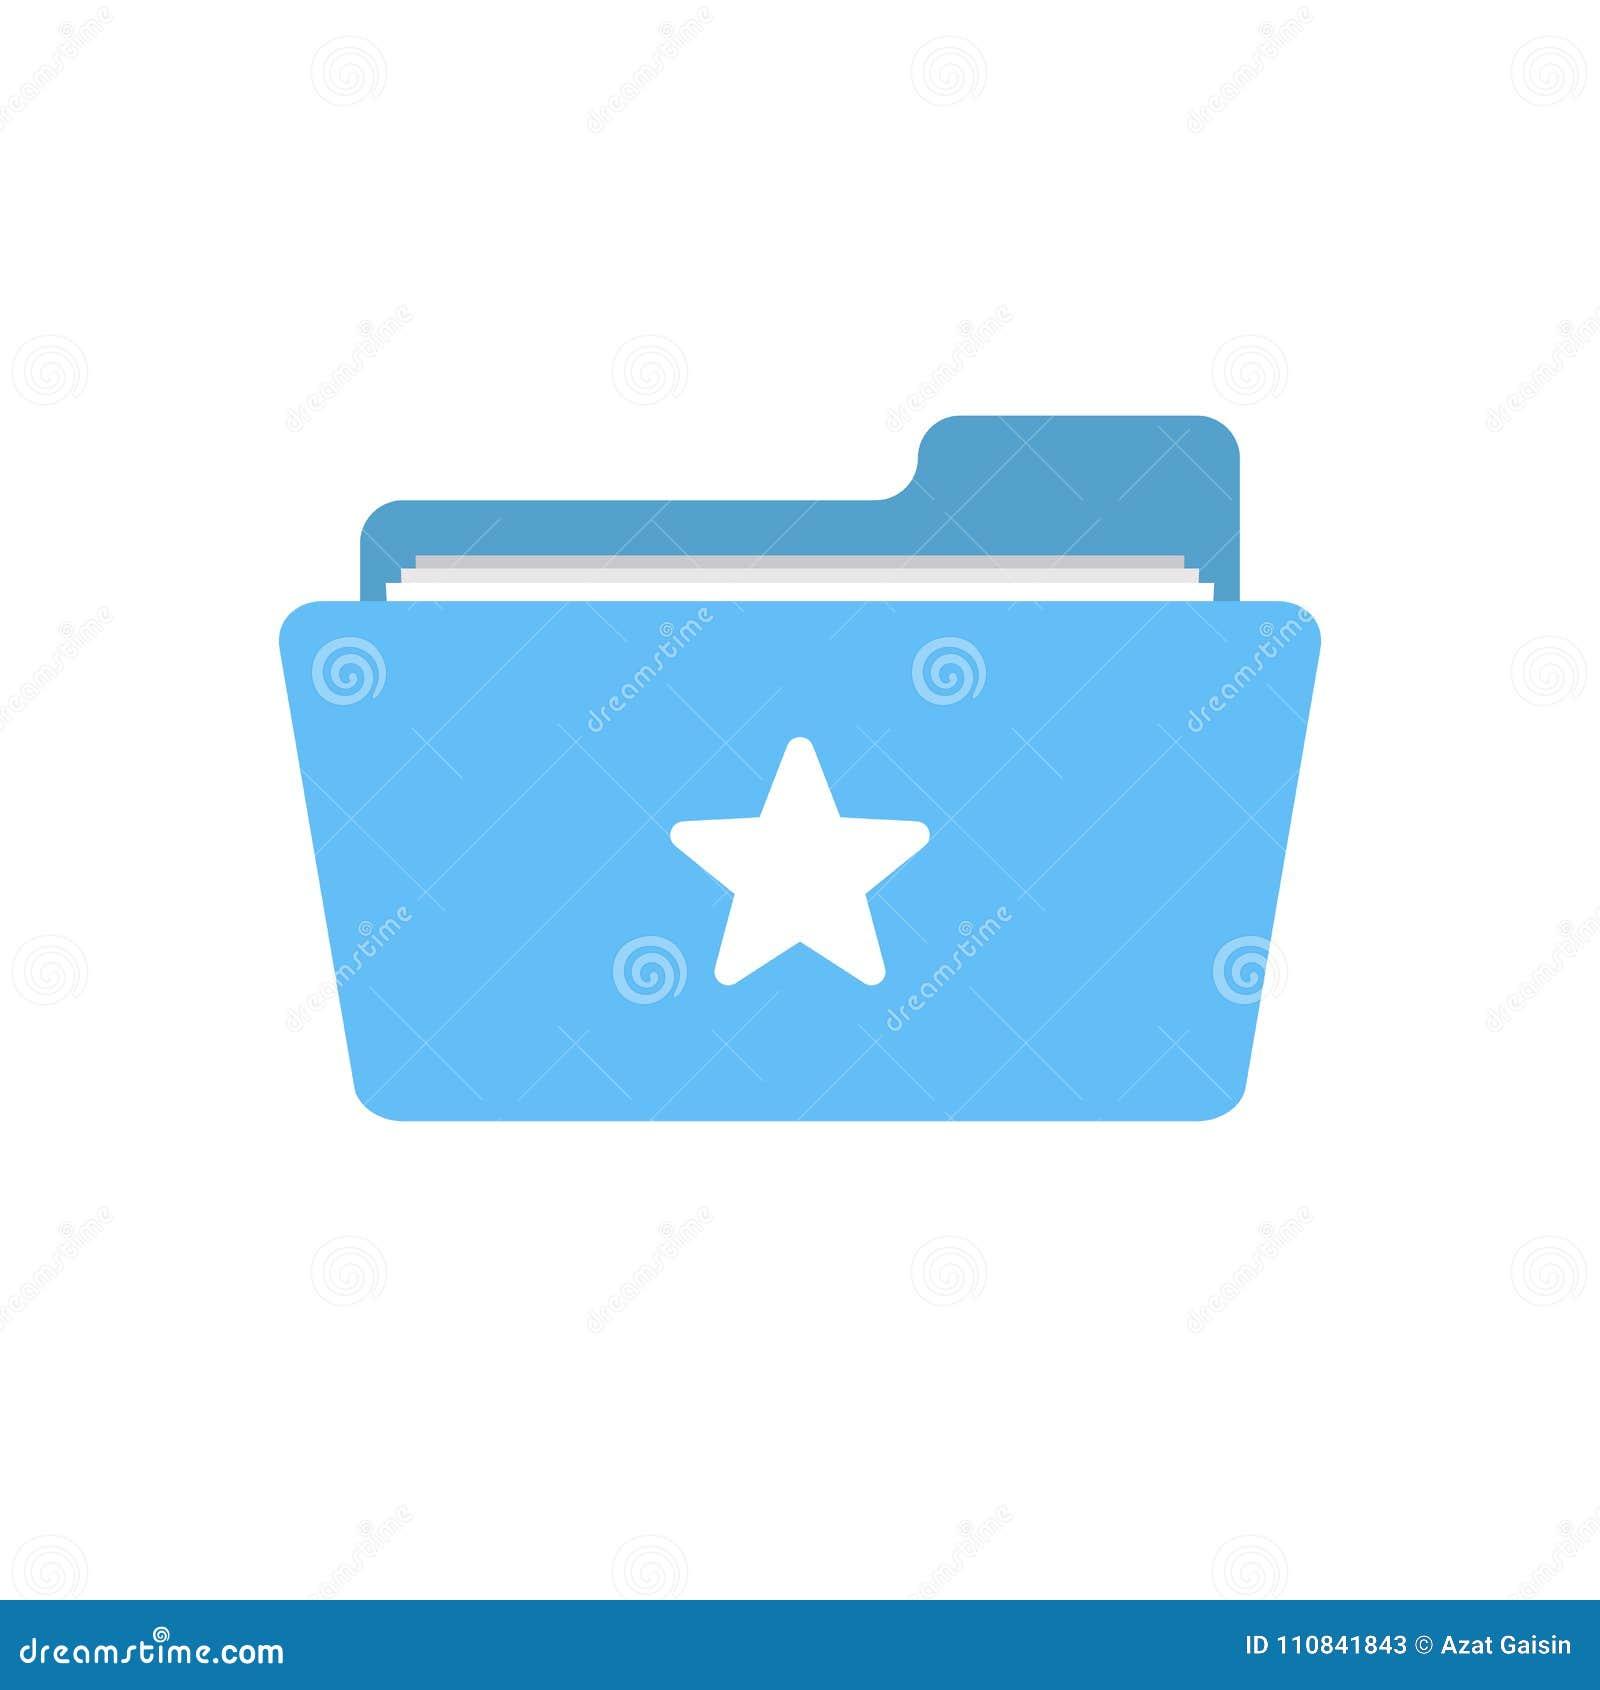 Αγαπημένος φάκελλος σελιδοδεικτών όπως το εικονίδιο αστεριών σημαδιών αγάπης